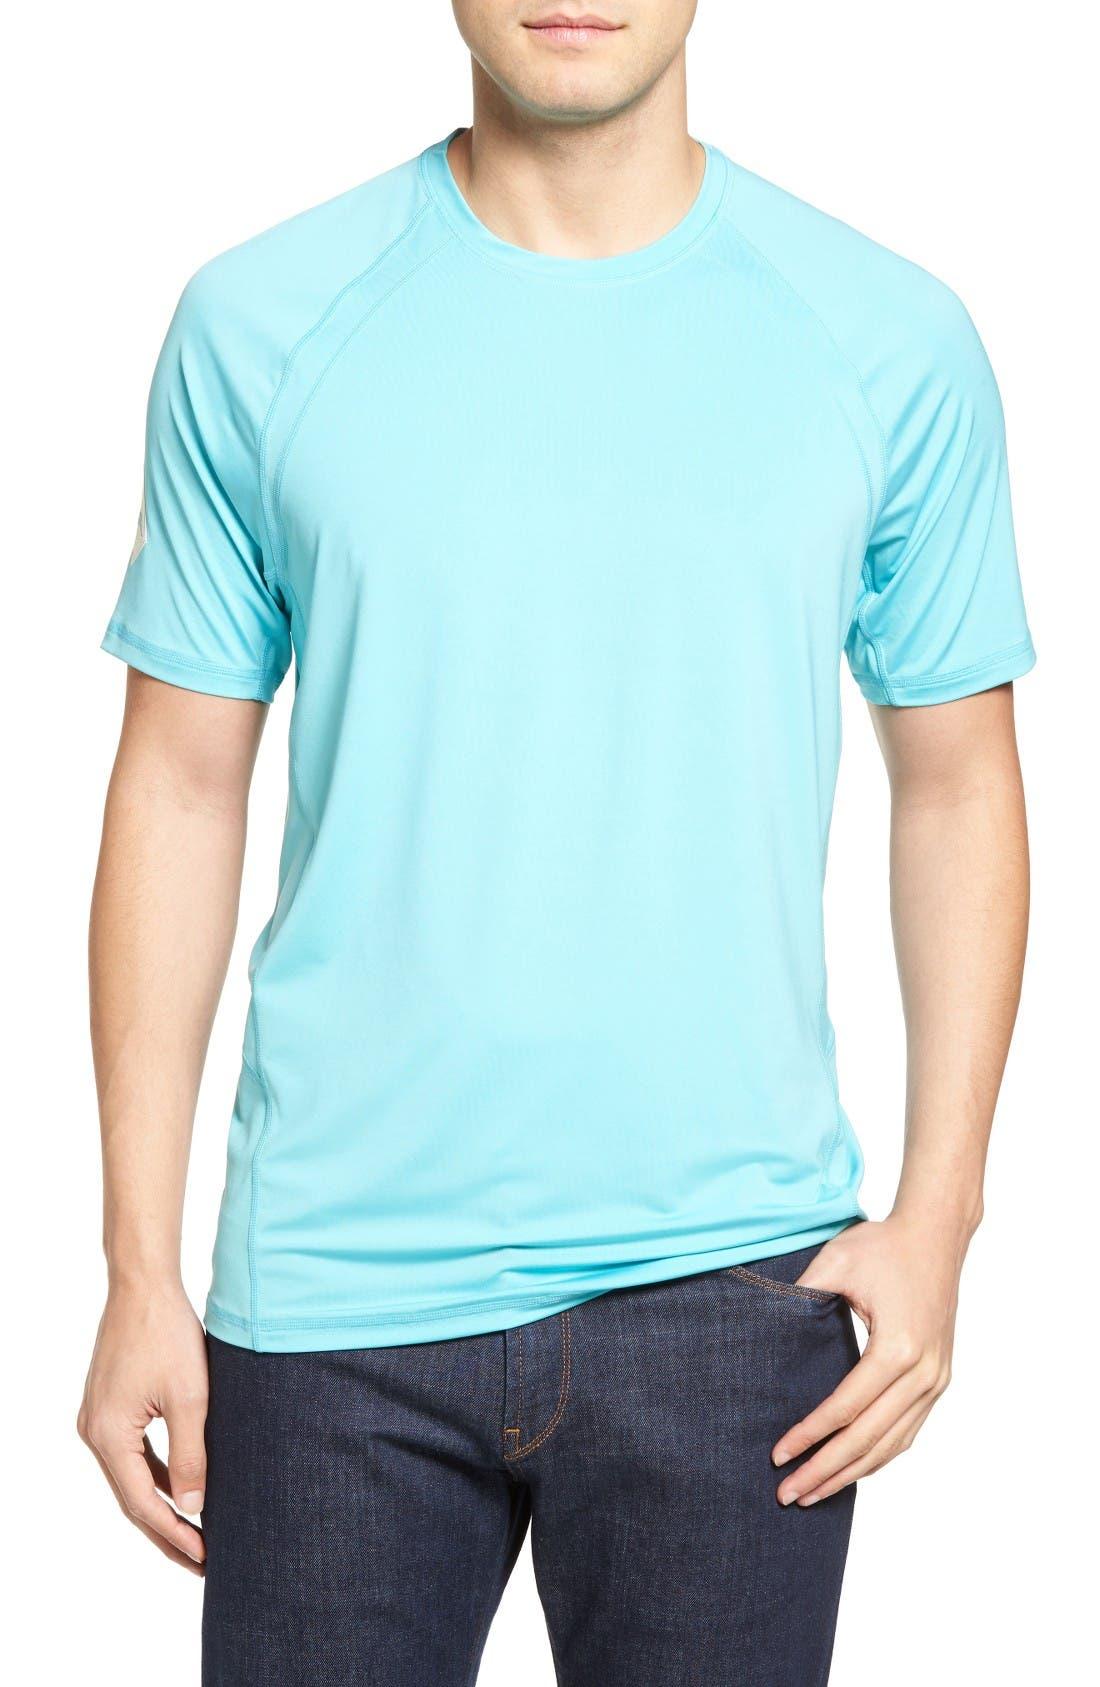 Surf Chaser Crewneck T-Shirt,                         Main,                         color, Blue Radiance